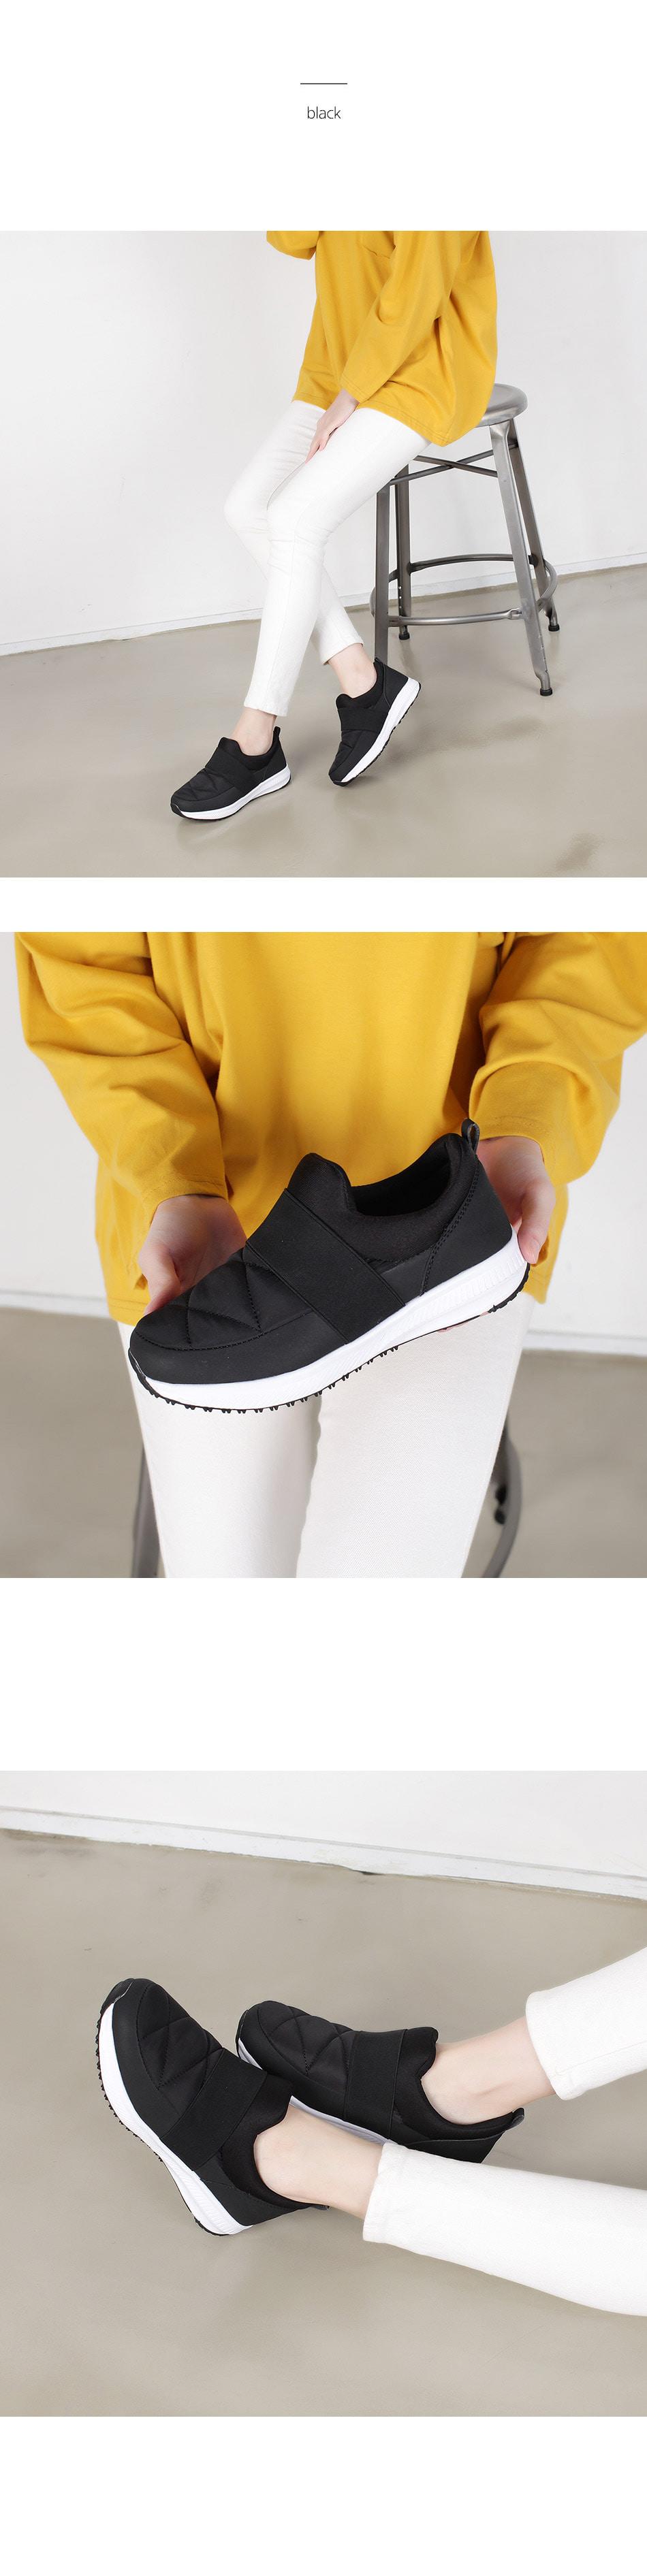 WS-6884 여자 패딩 슬립온 단화 겨울 캐주얼 신발 - 더보이더걸, 38,900원, 운동화/슬립온, 슬립온